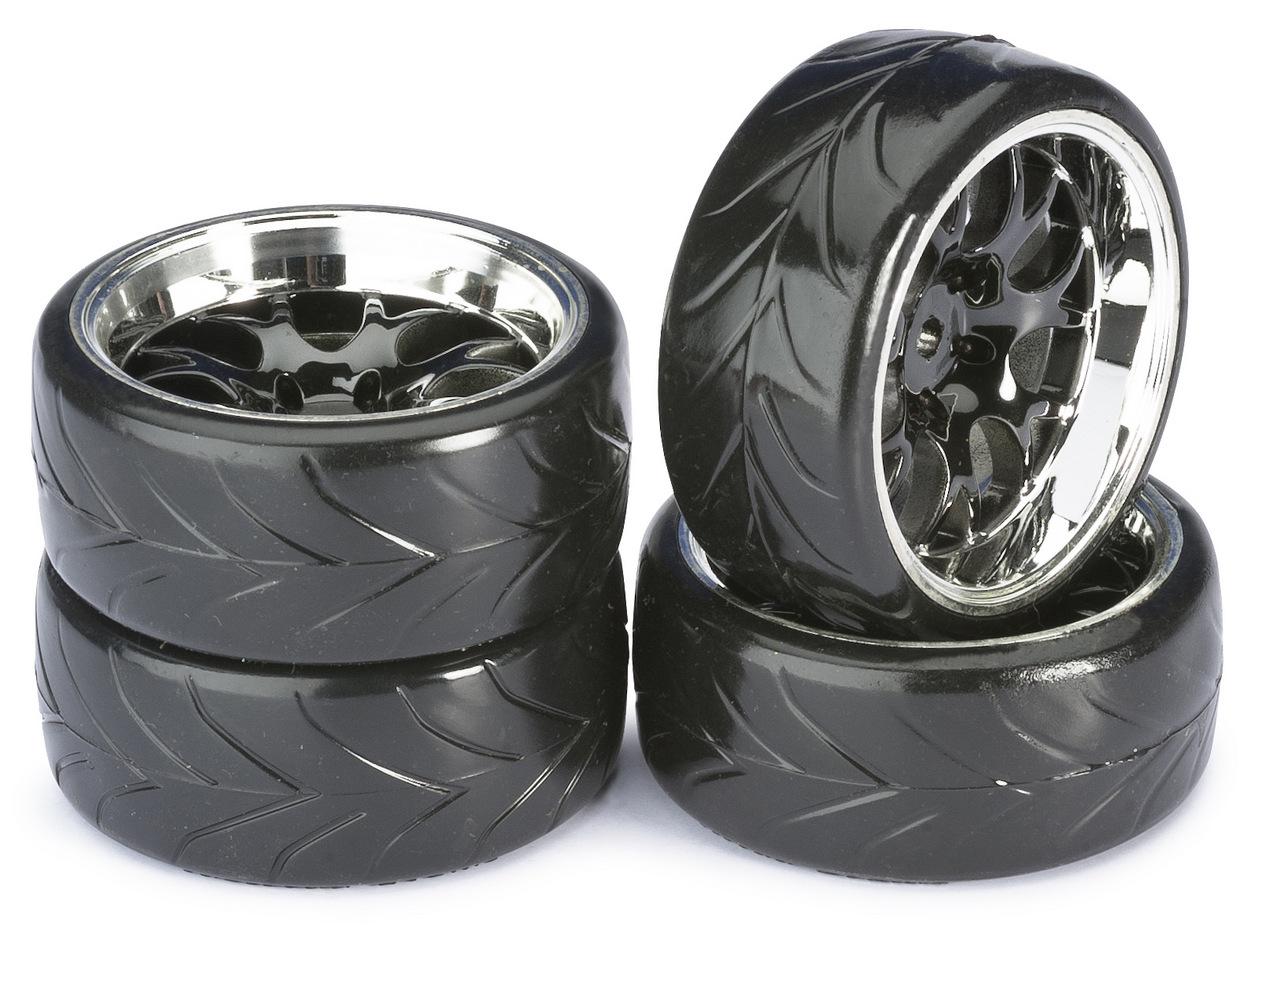 ABSIMA Train de roues Drift LP Comb/Profile A noir/chromé 1/10ème (4pcs), 2510040